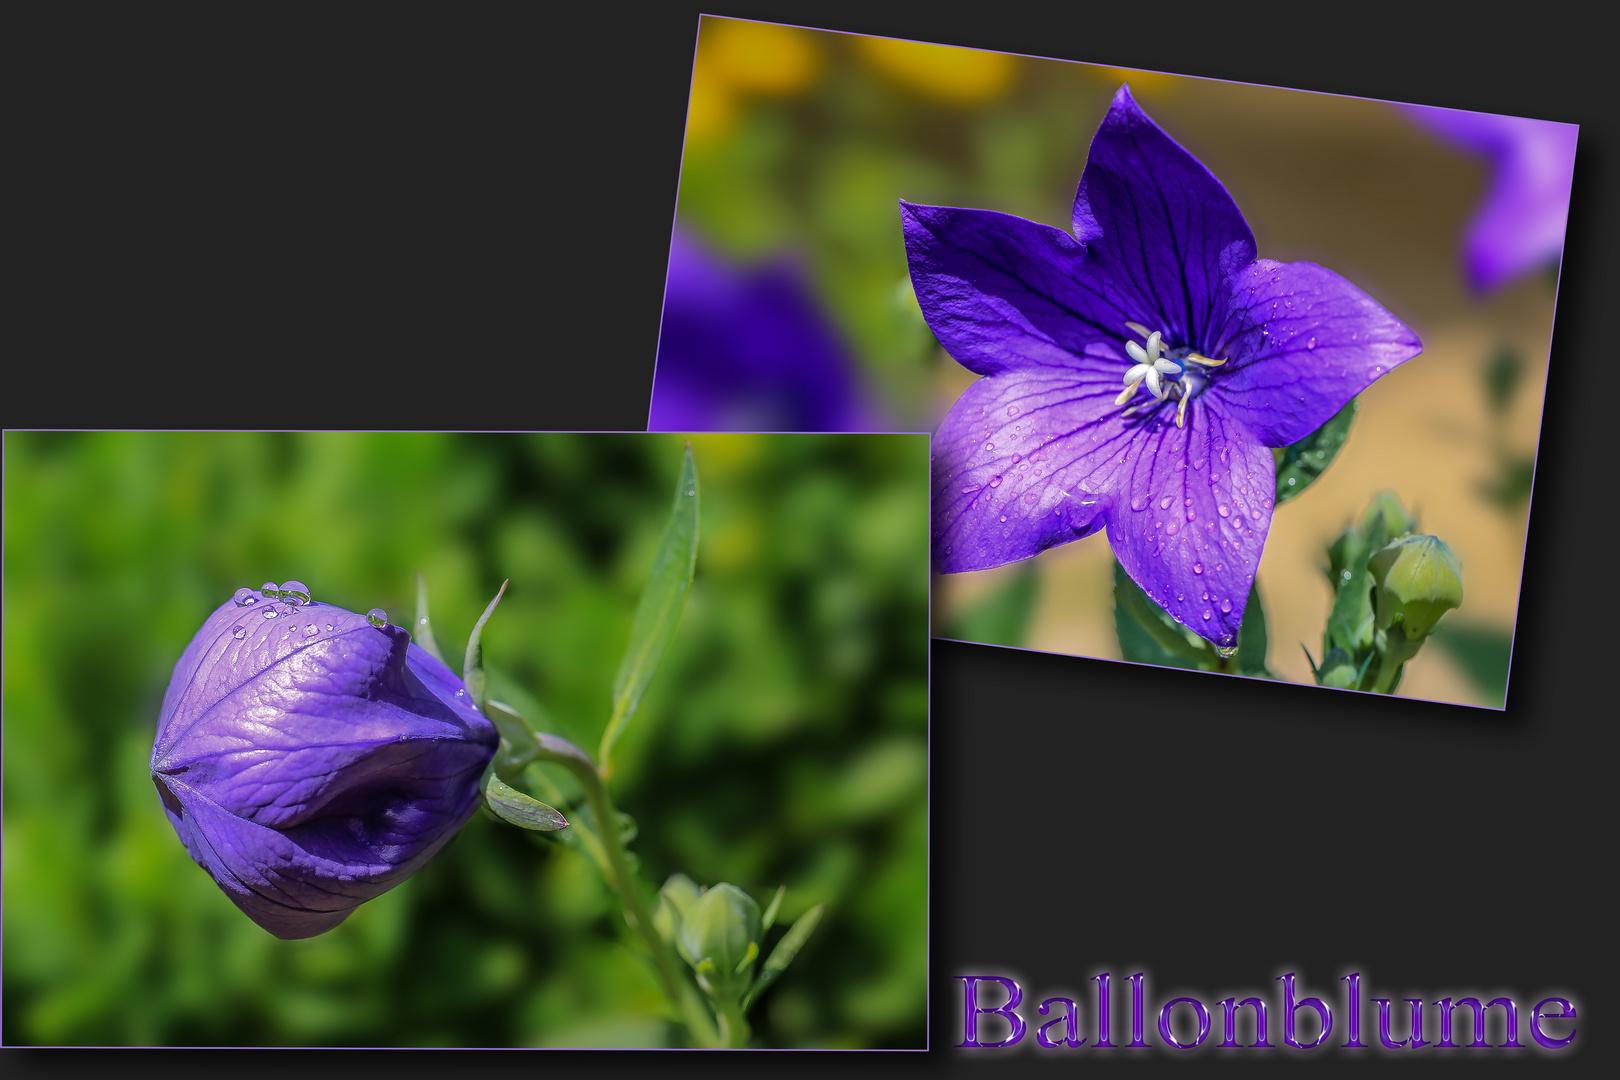 Den Namen hat die Blume nach der Form der Knospe